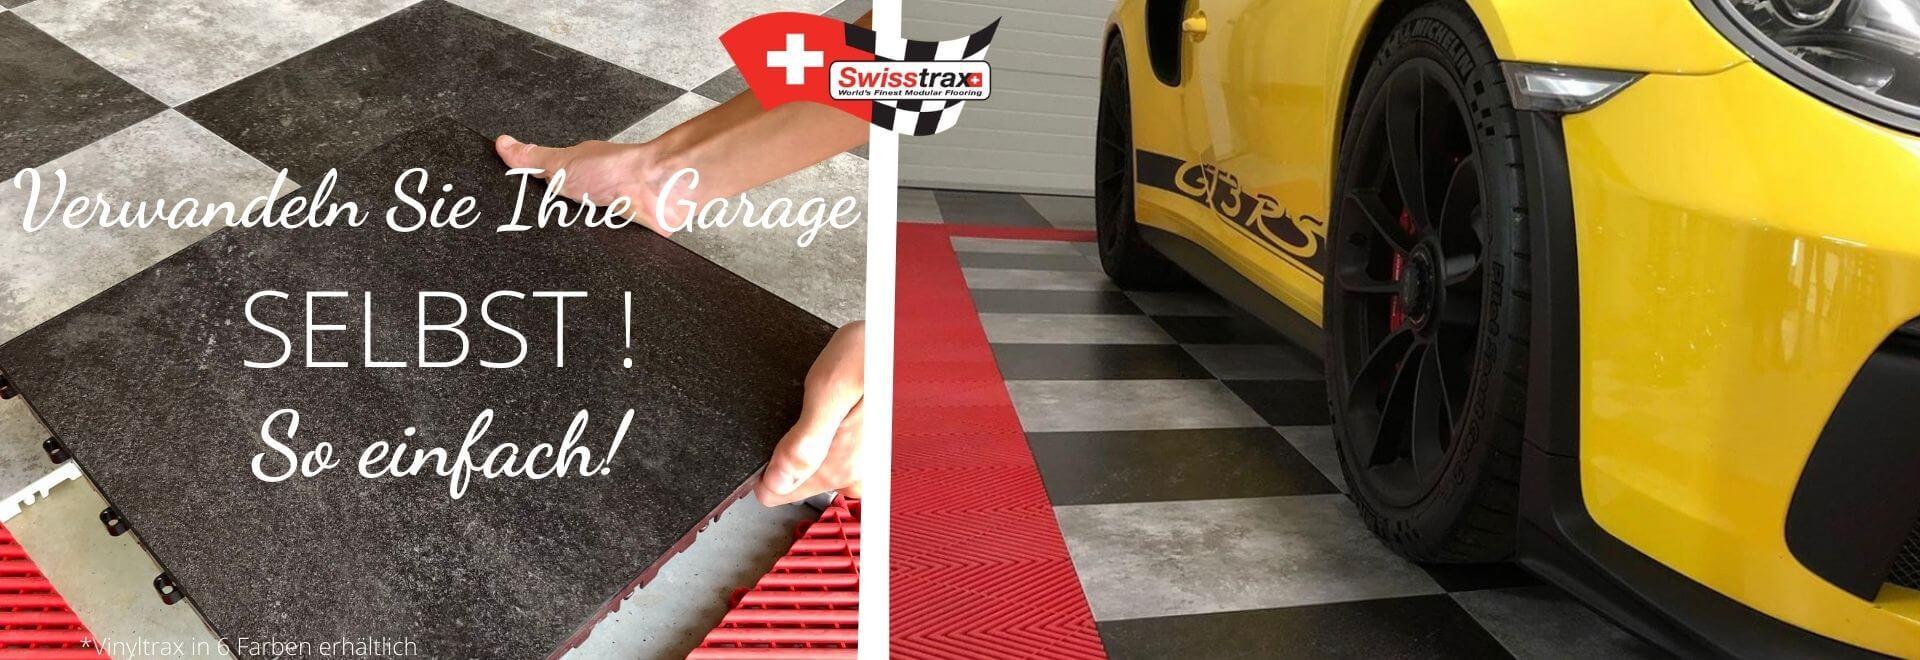 Verwandeln-Sie-Ihre-Garage-swisstrax